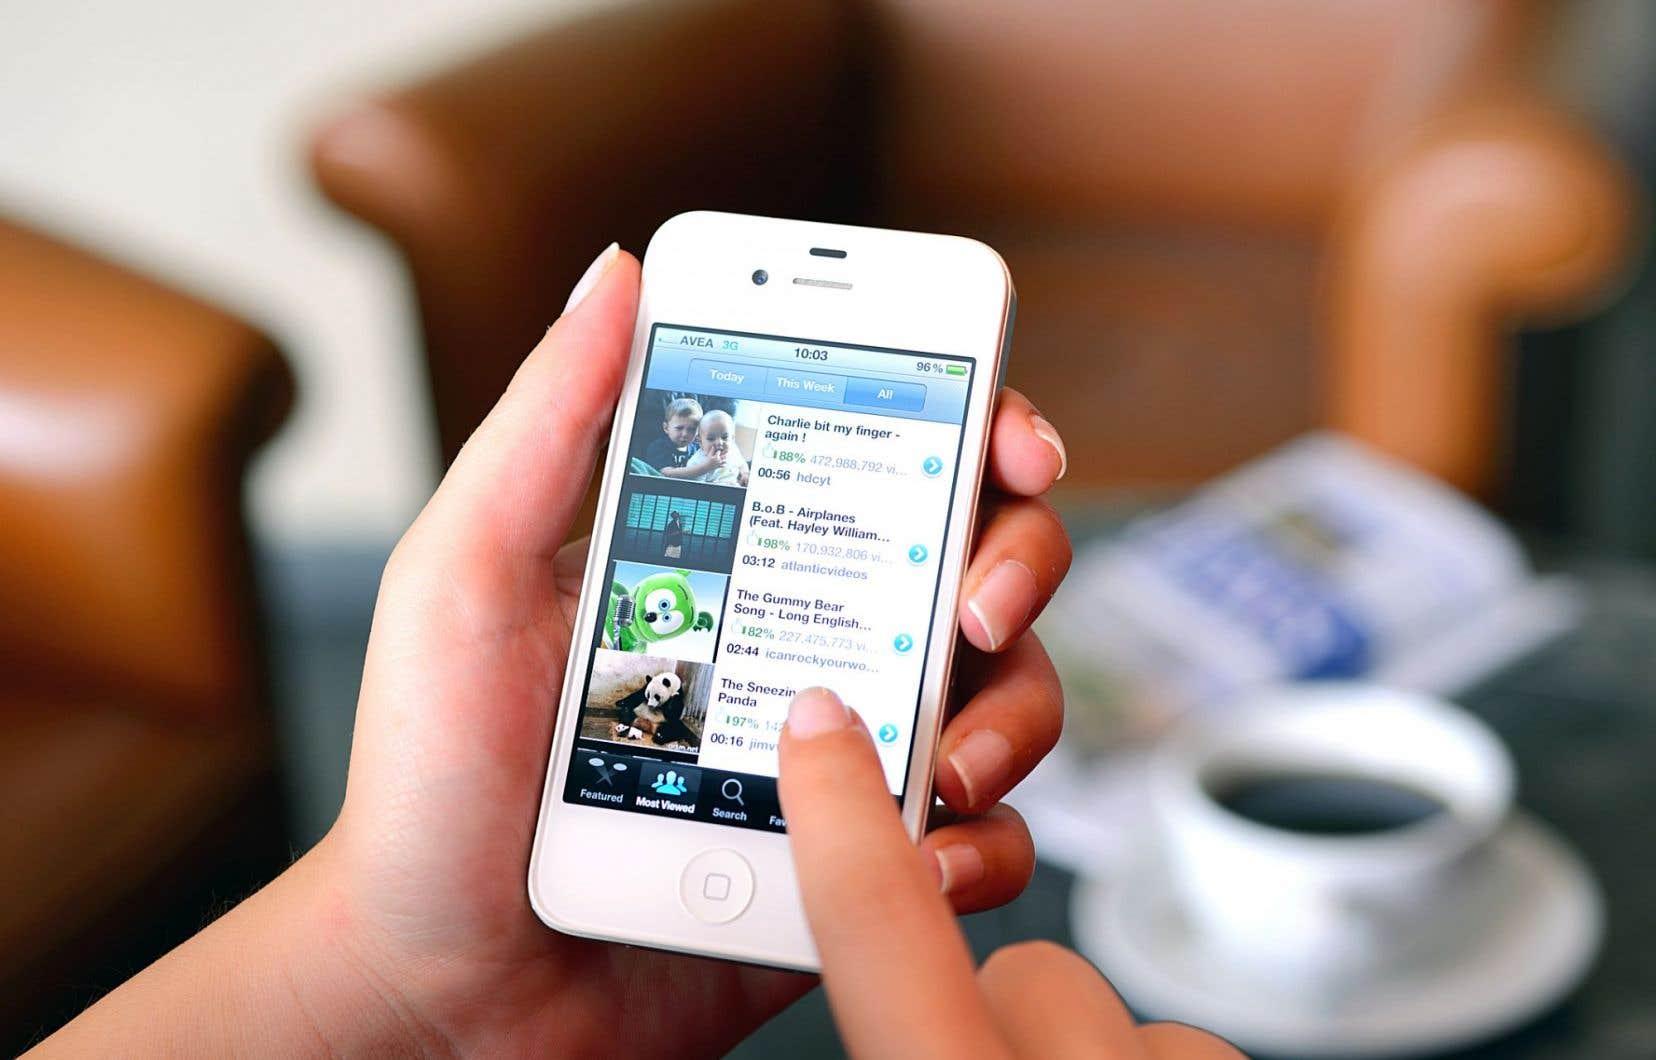 Les jeunes se sont adaptés au nouvel environnement: ils sont devenus hyperconnectés, capables d'interagir sur plusieurs réseaux à la fois.